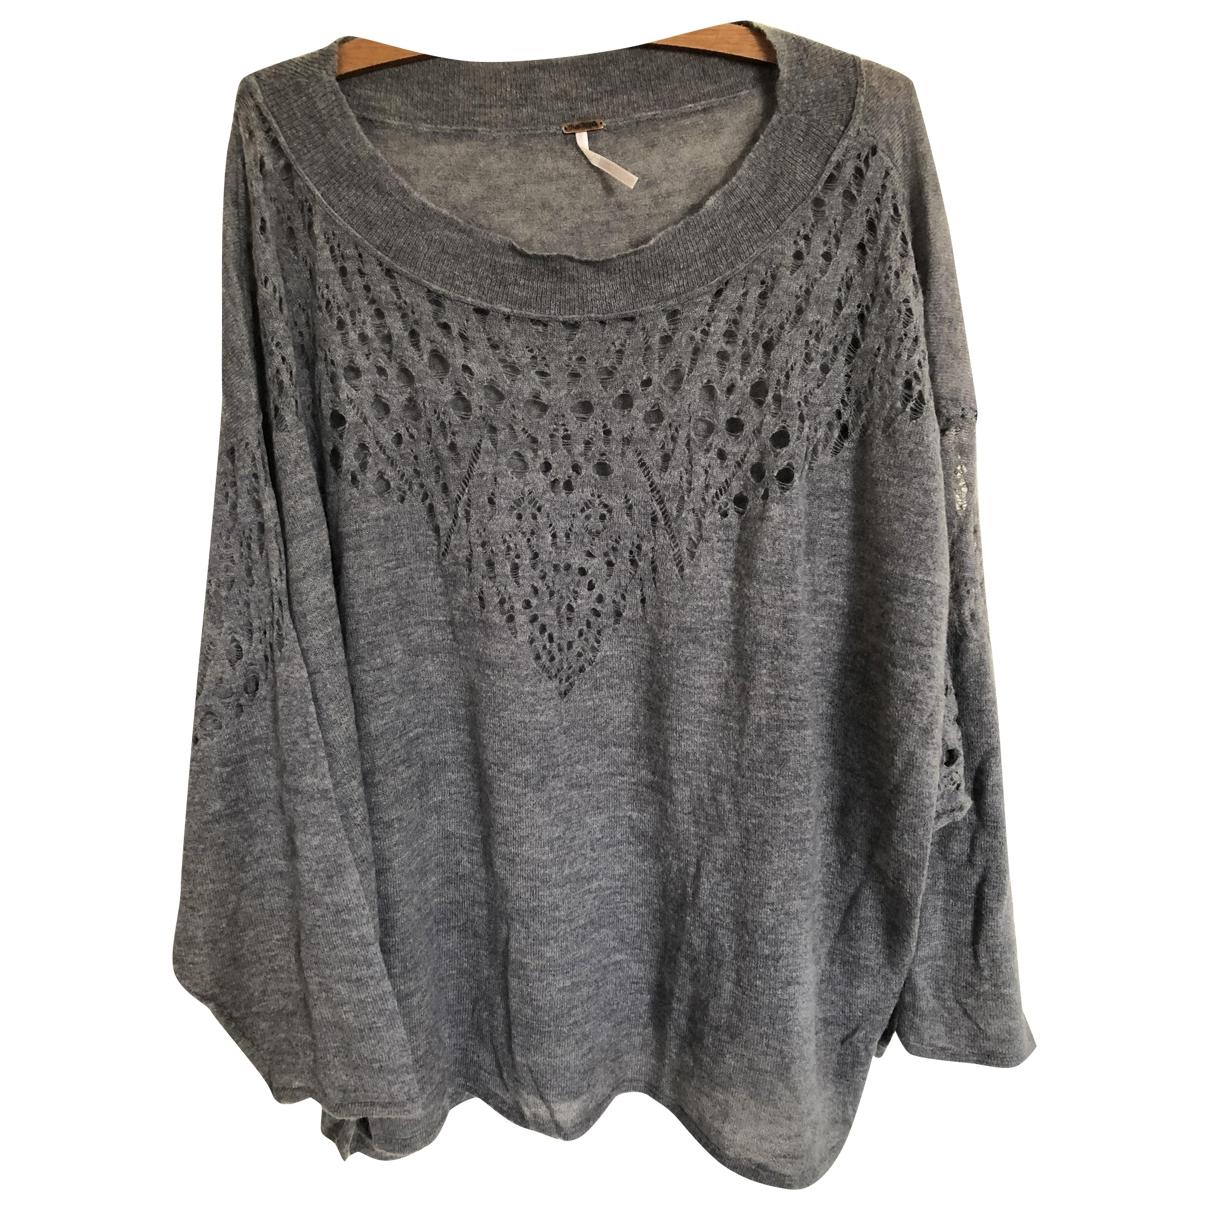 Free People - Pull   pour femme en laine - gris